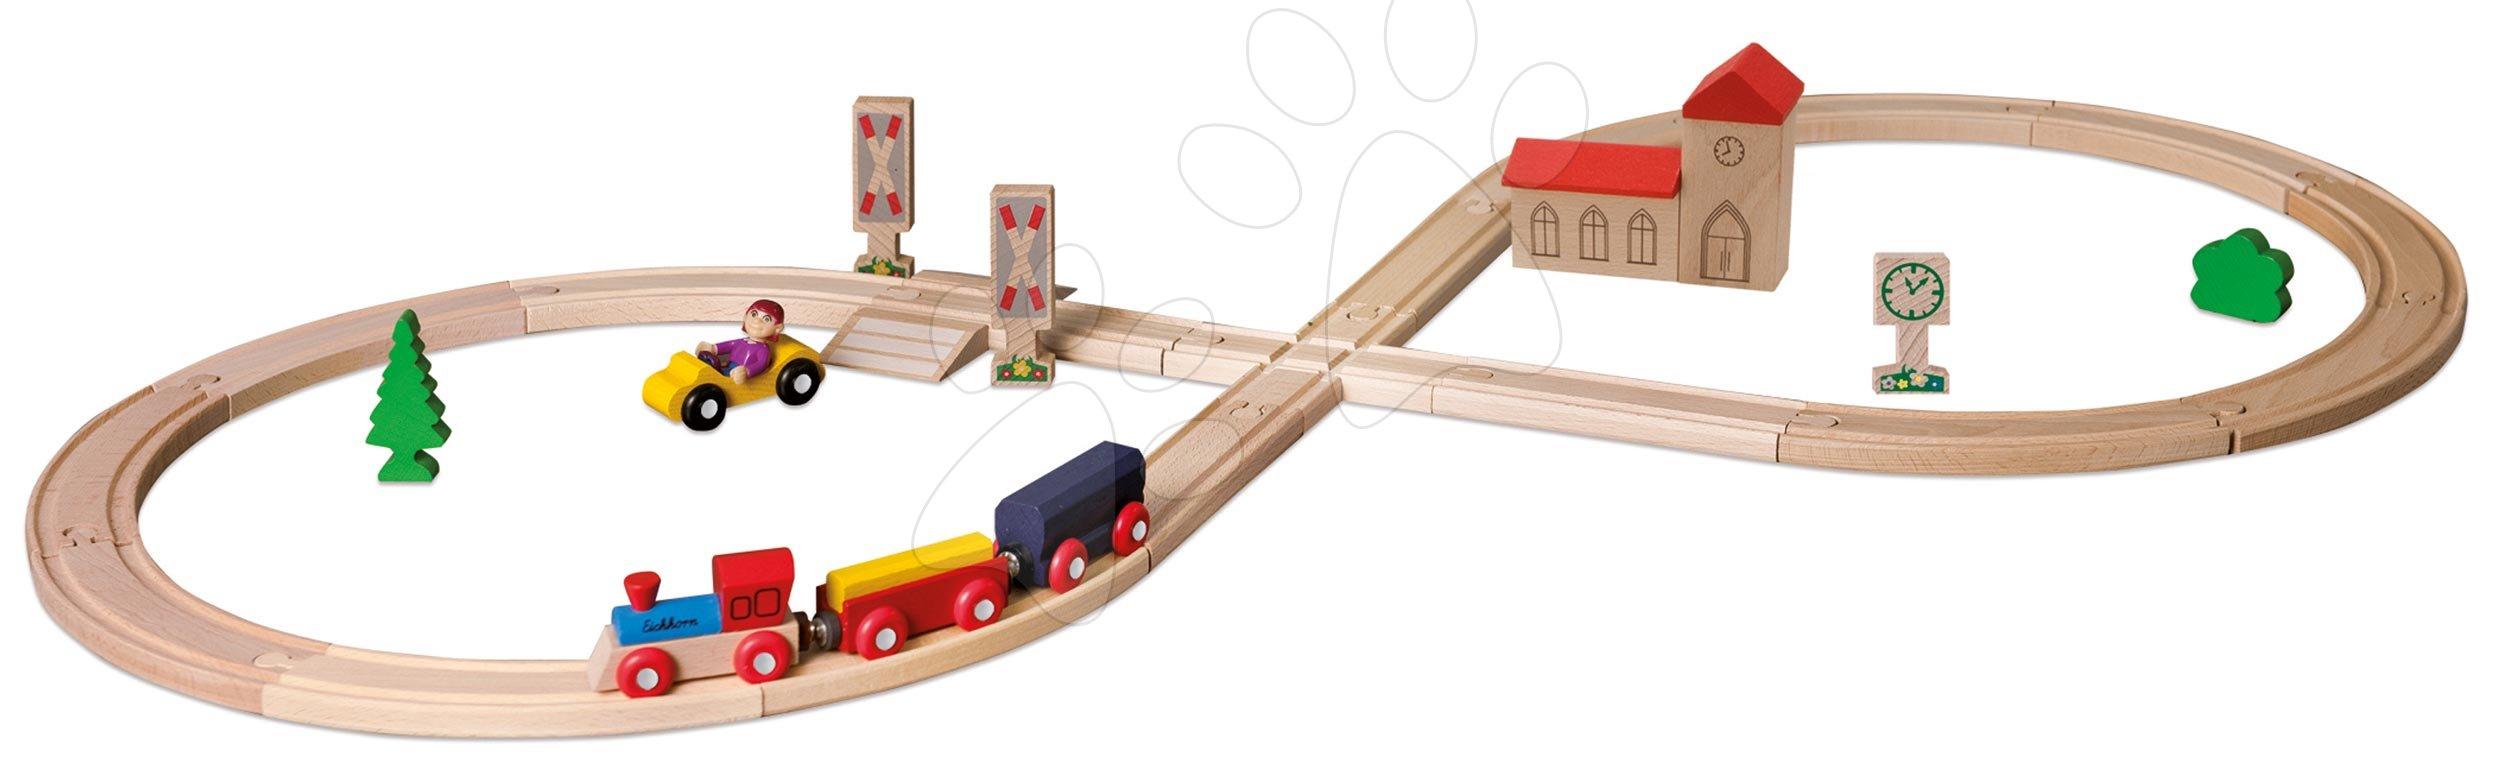 Fa vasúti sínpálya Train Figure-of 8 Railway Eichhorn mozdony 2 vagonnal és kiegészítőkkel 35 darabos 290 cm hosszú vasútvonal